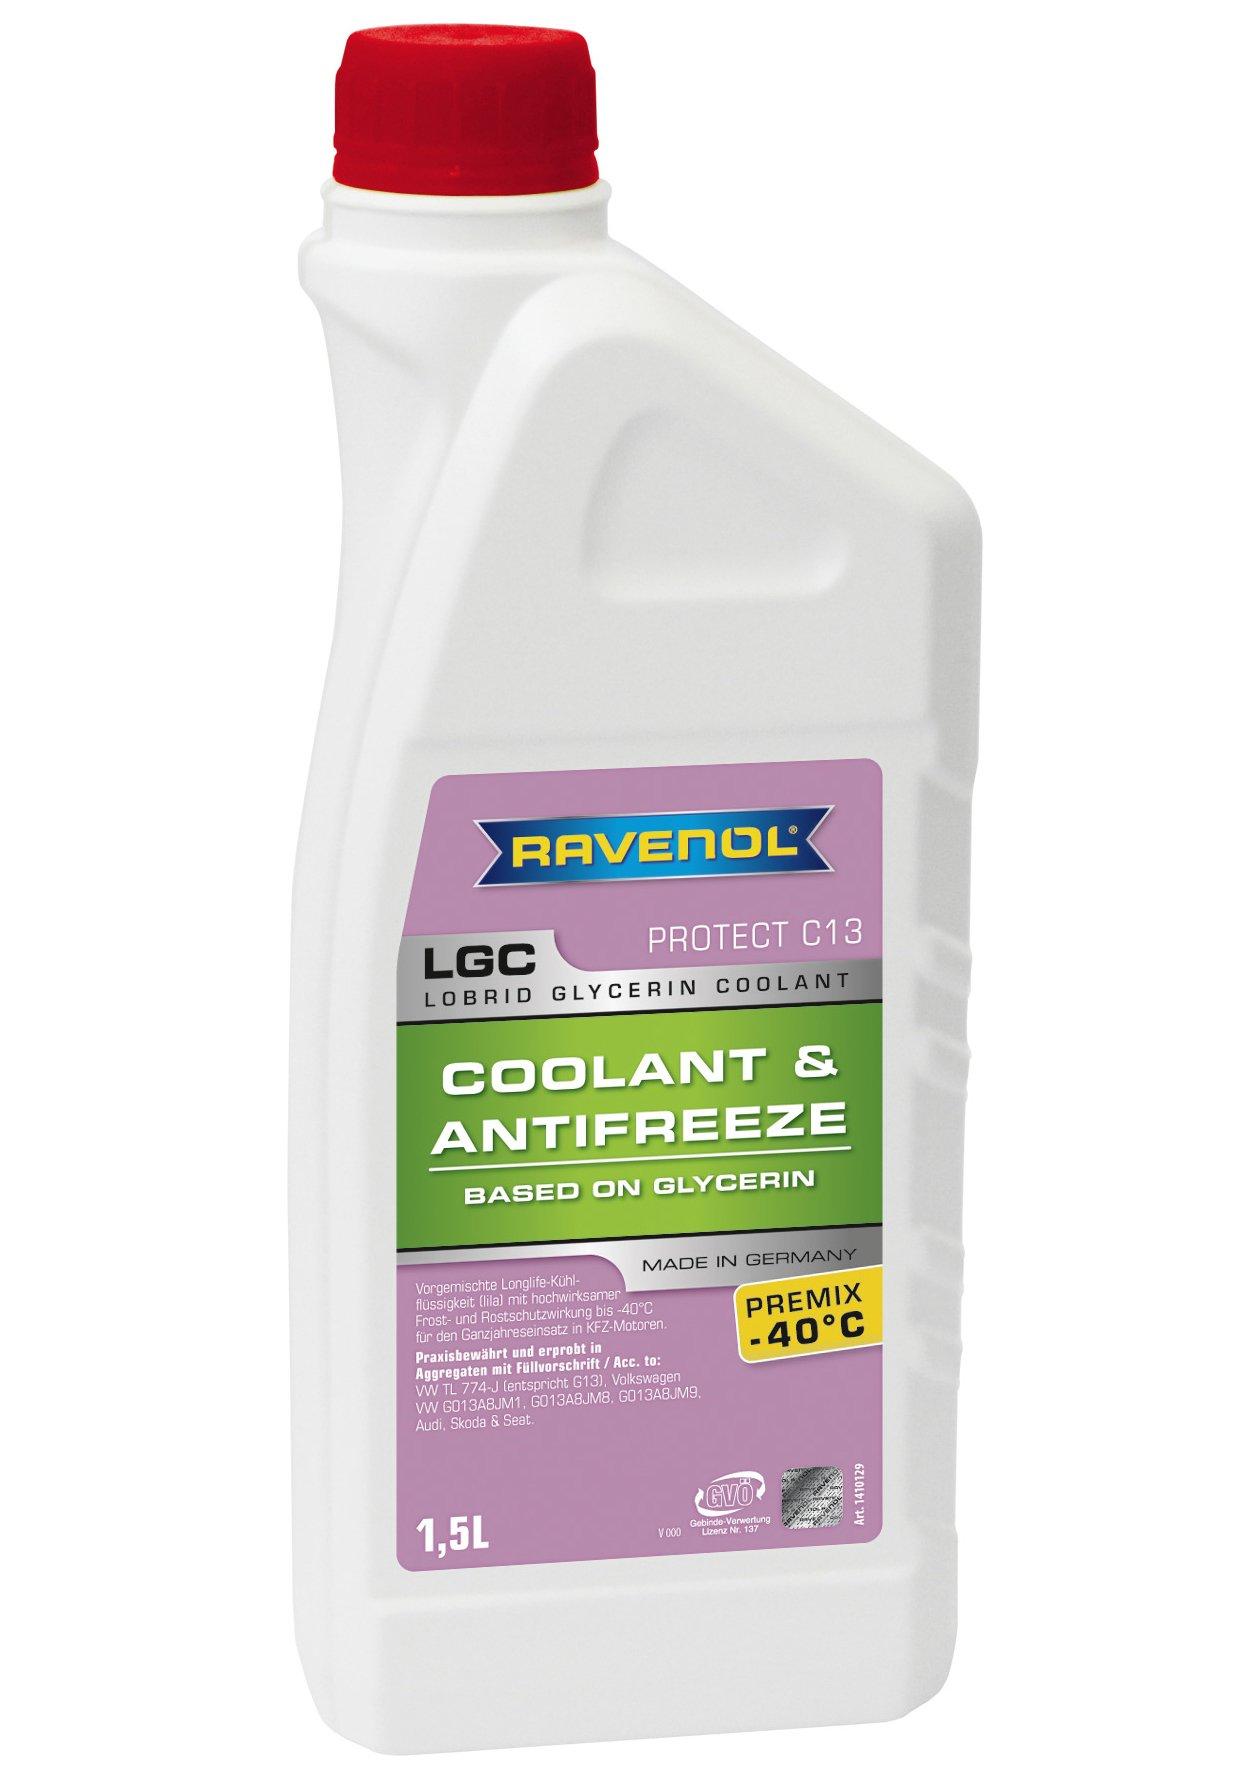 RAVENOL J4D2002-1 Coolant Antifreeze - LGC C13 Premix VW TL 774-J (G13) (1.5 Liter)